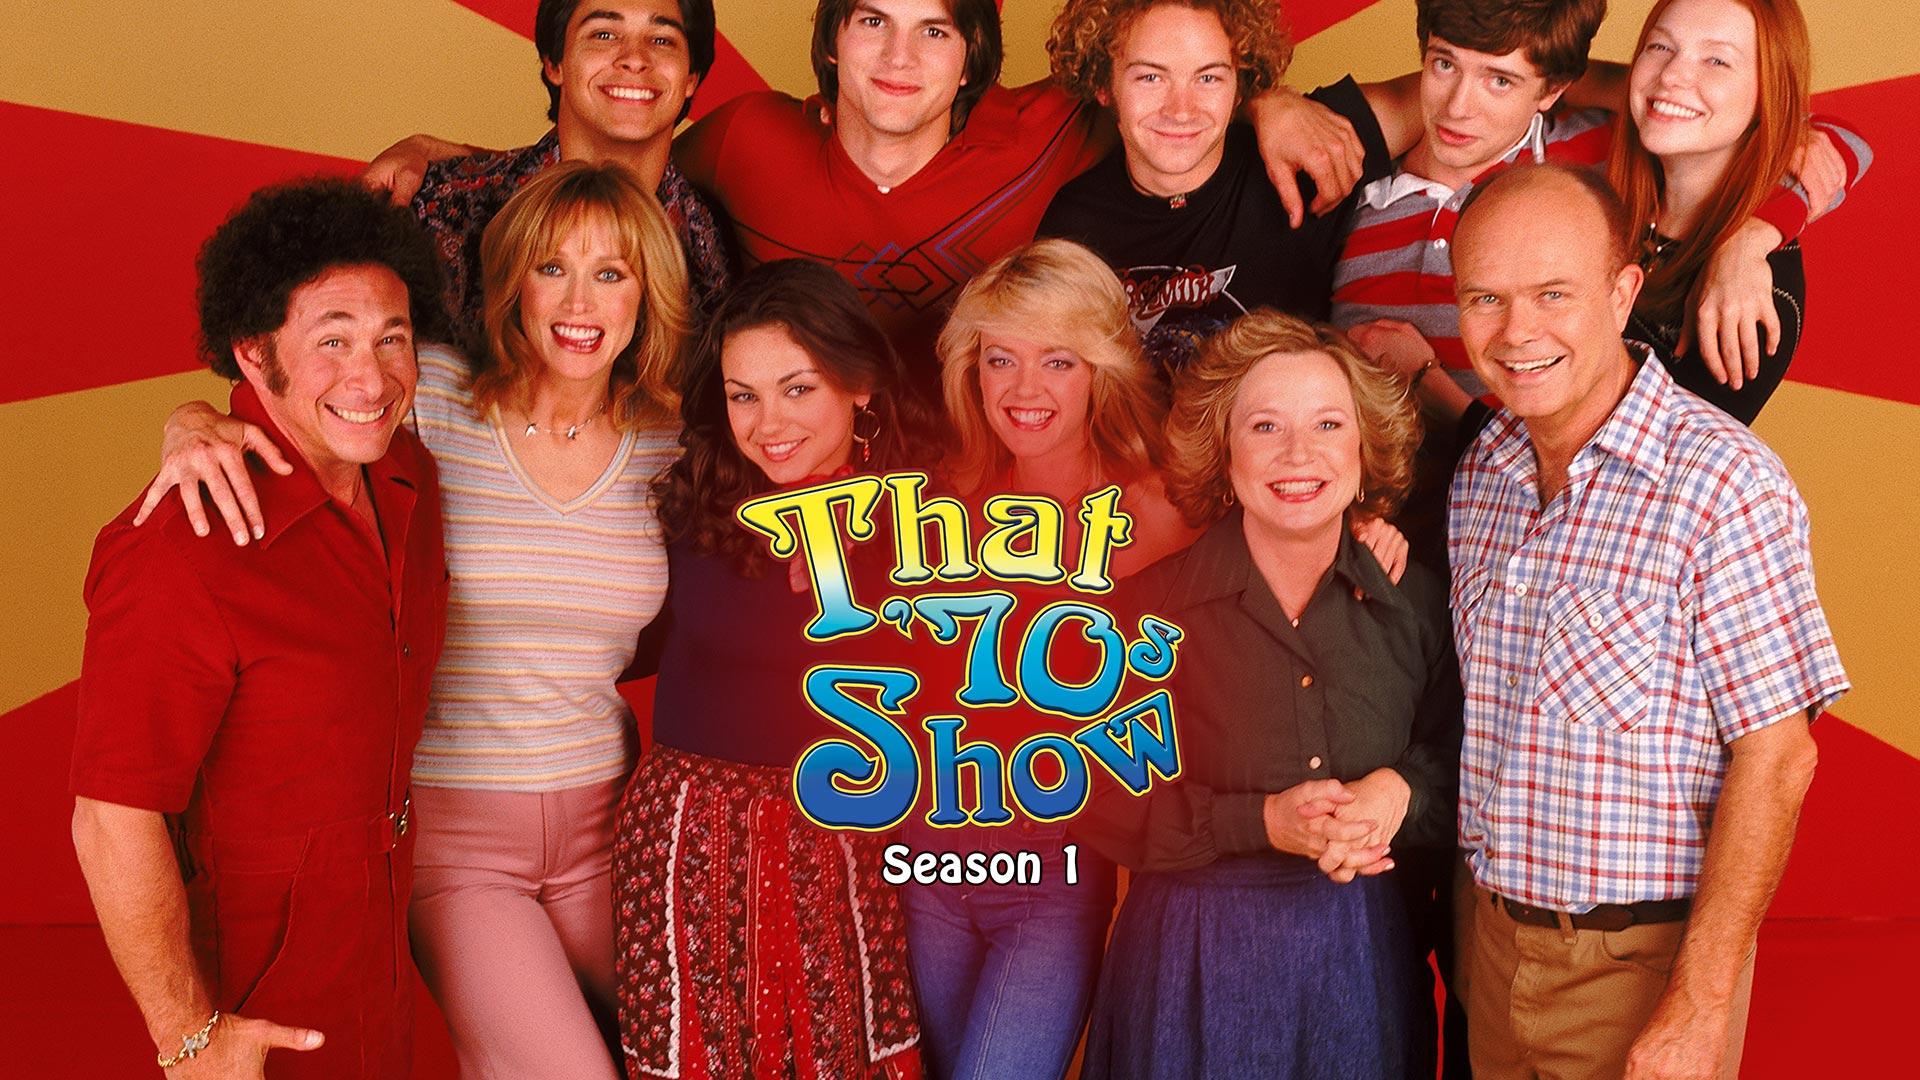 That '70s Show Season 1